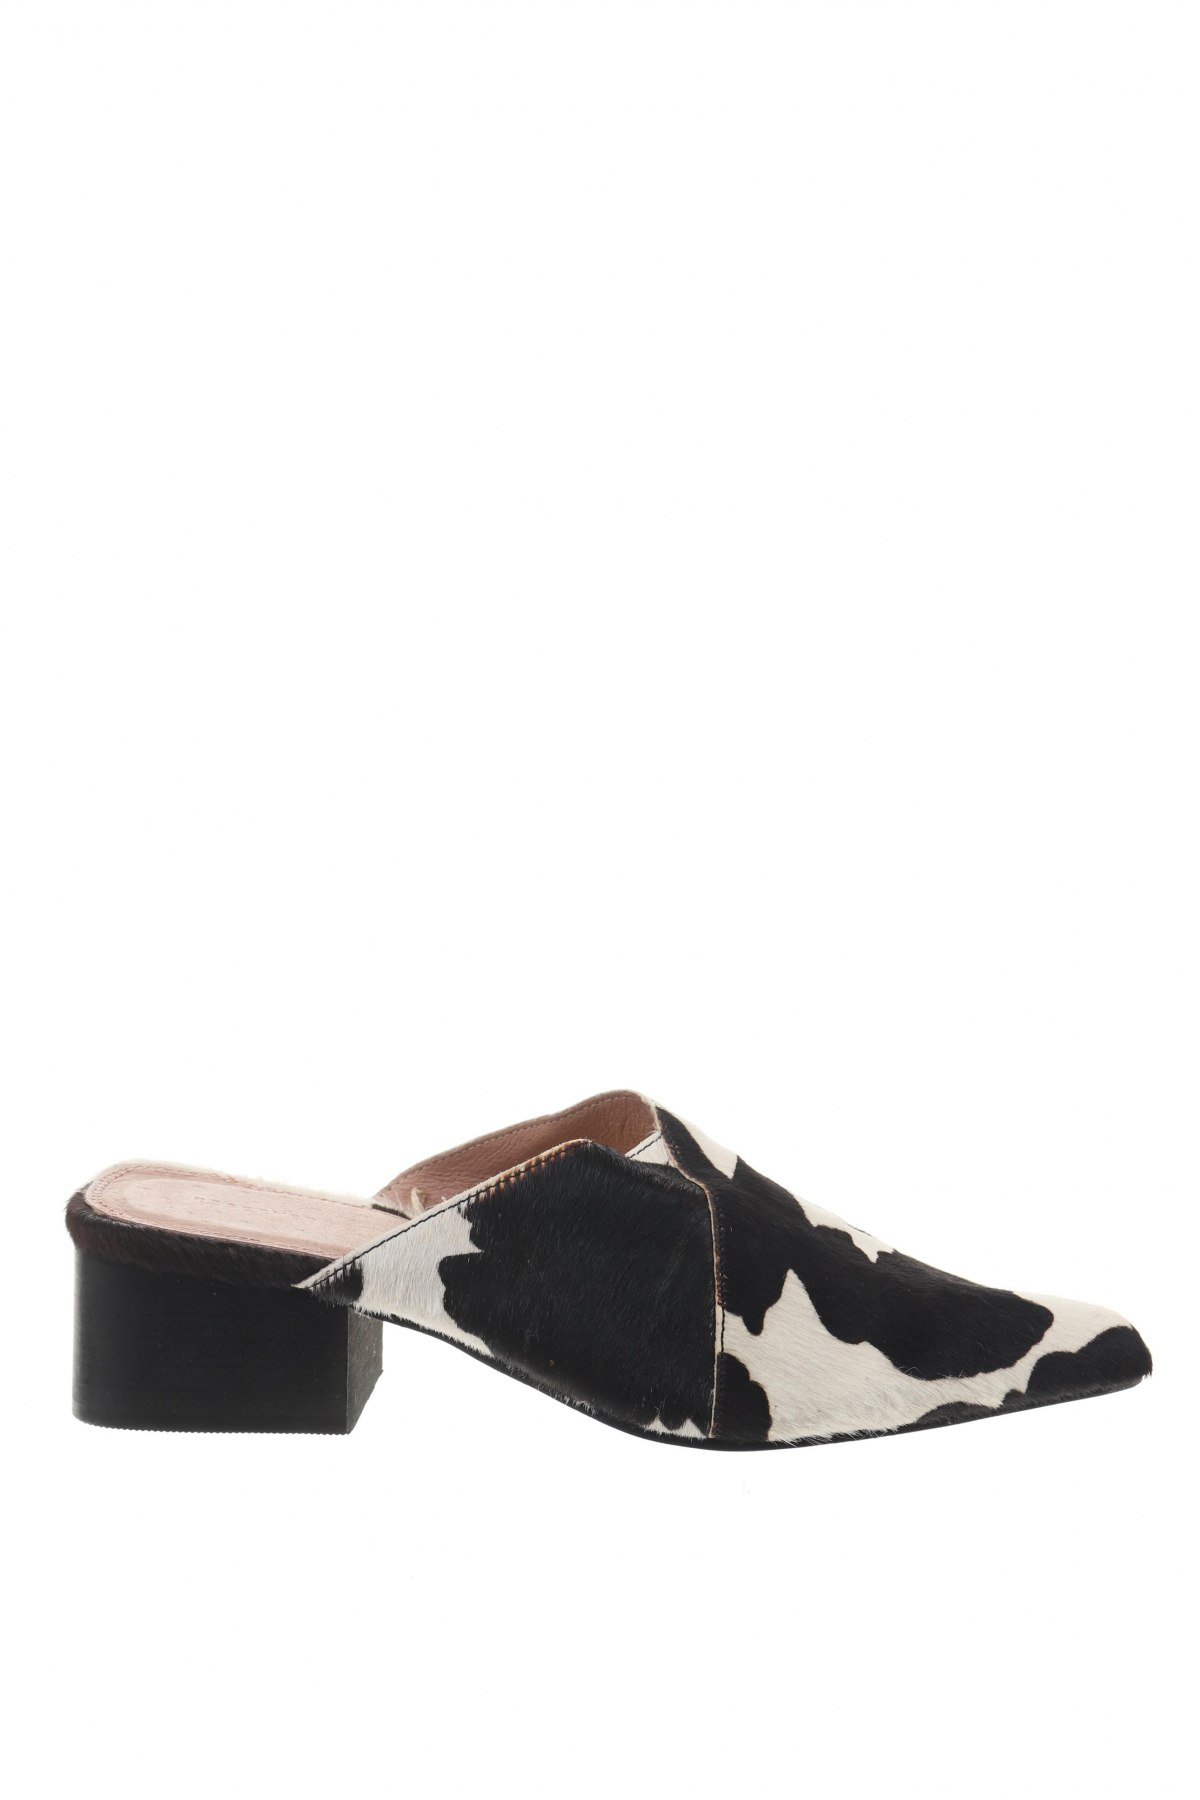 Γυναικείες παντόφλες Reserved, Μέγεθος 38, Χρώμα Μαύρο, Φυσική τρίχα, Τιμή 28,07€